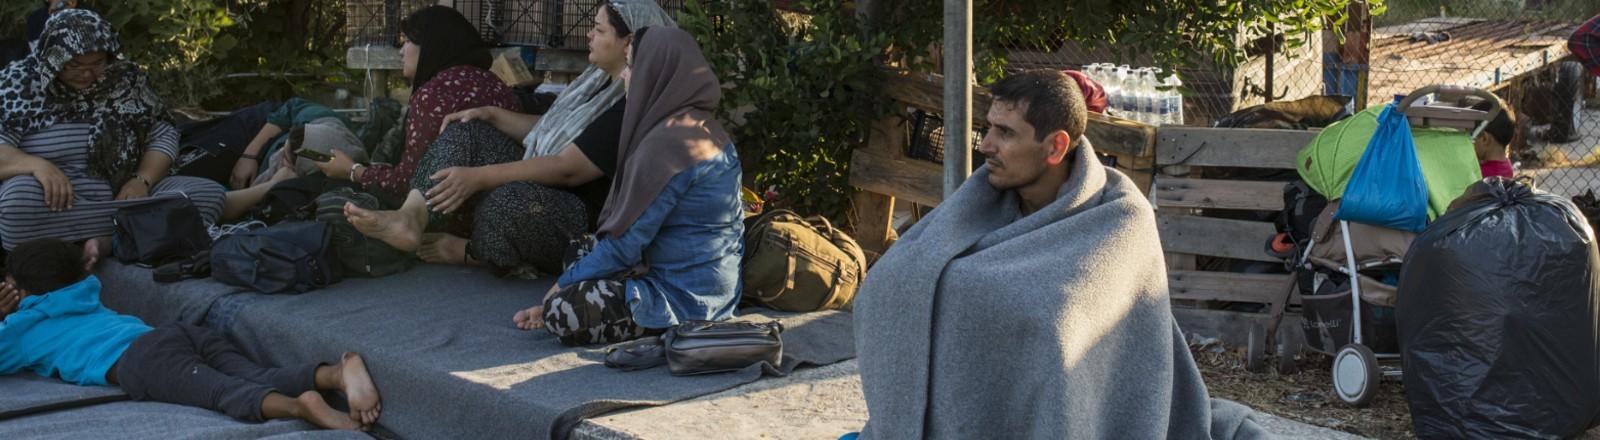 Geflüchtete Menschen sitzen auf der Straße von Lesbos.